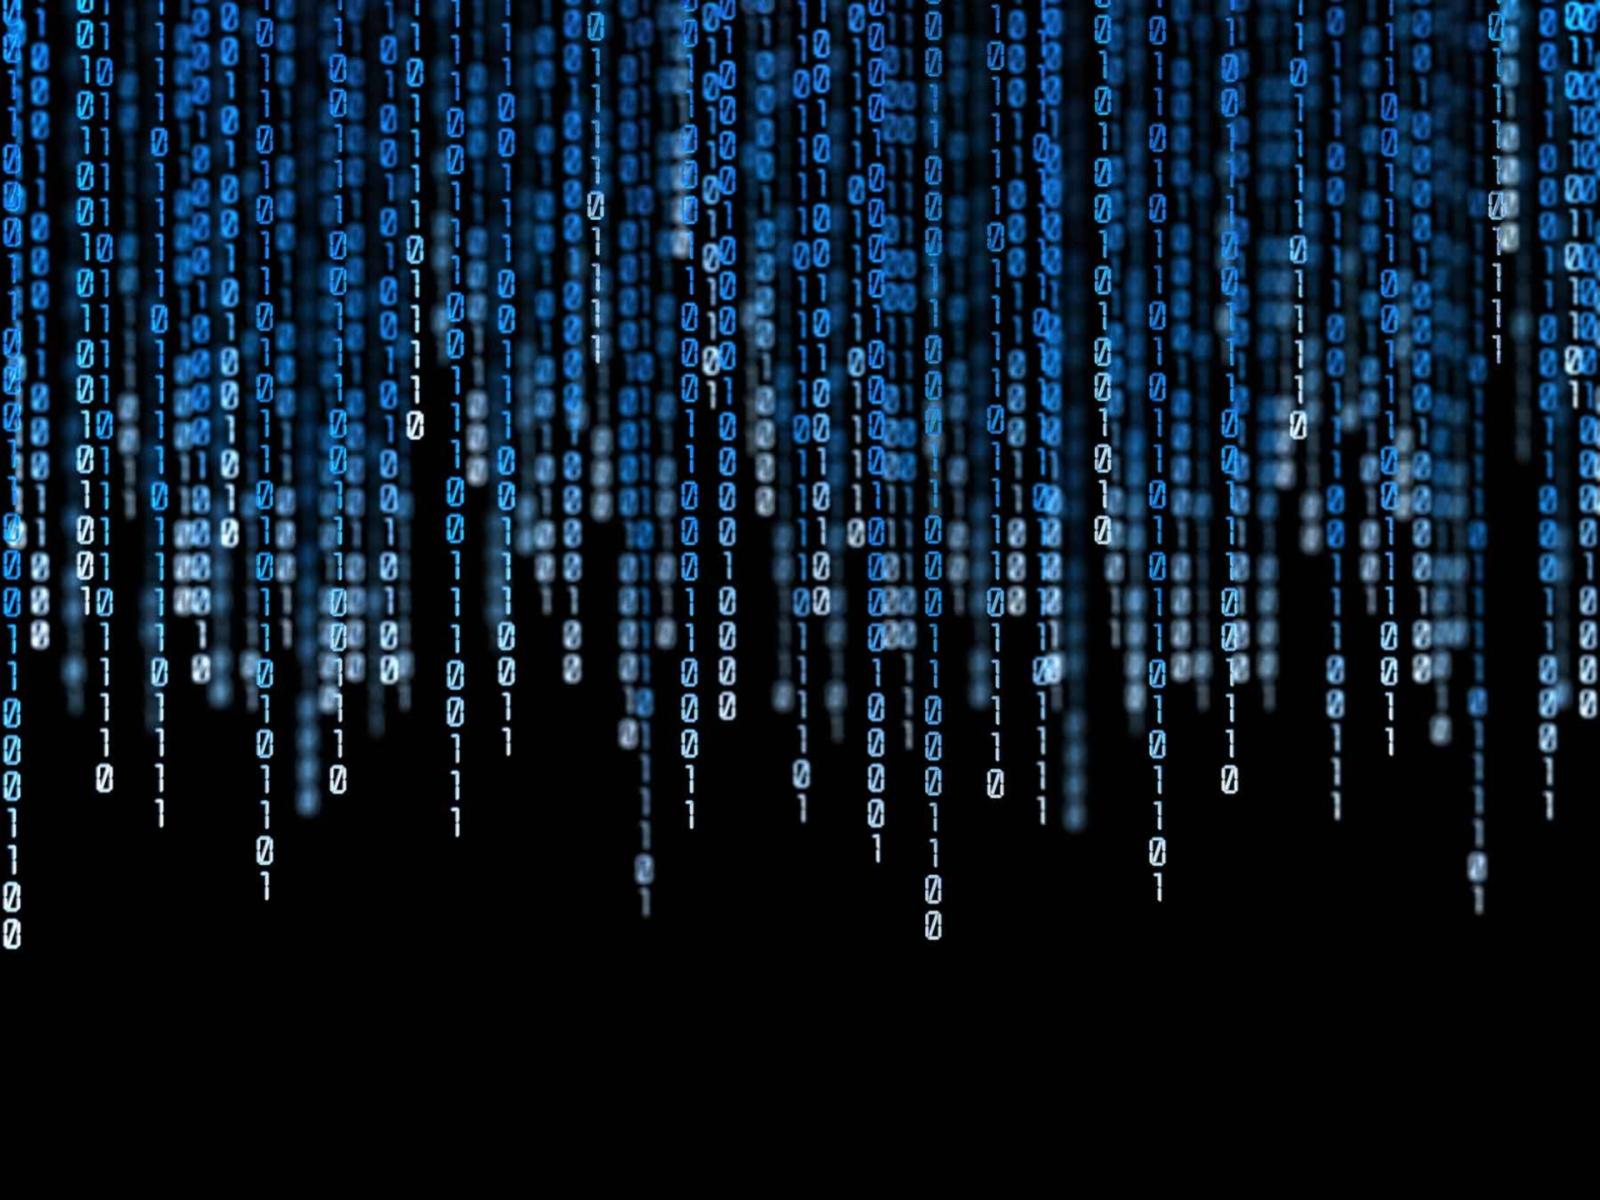 Programming Computer Wallpapers Desktop Backgrounds 1600x1200 ID 1600x1200